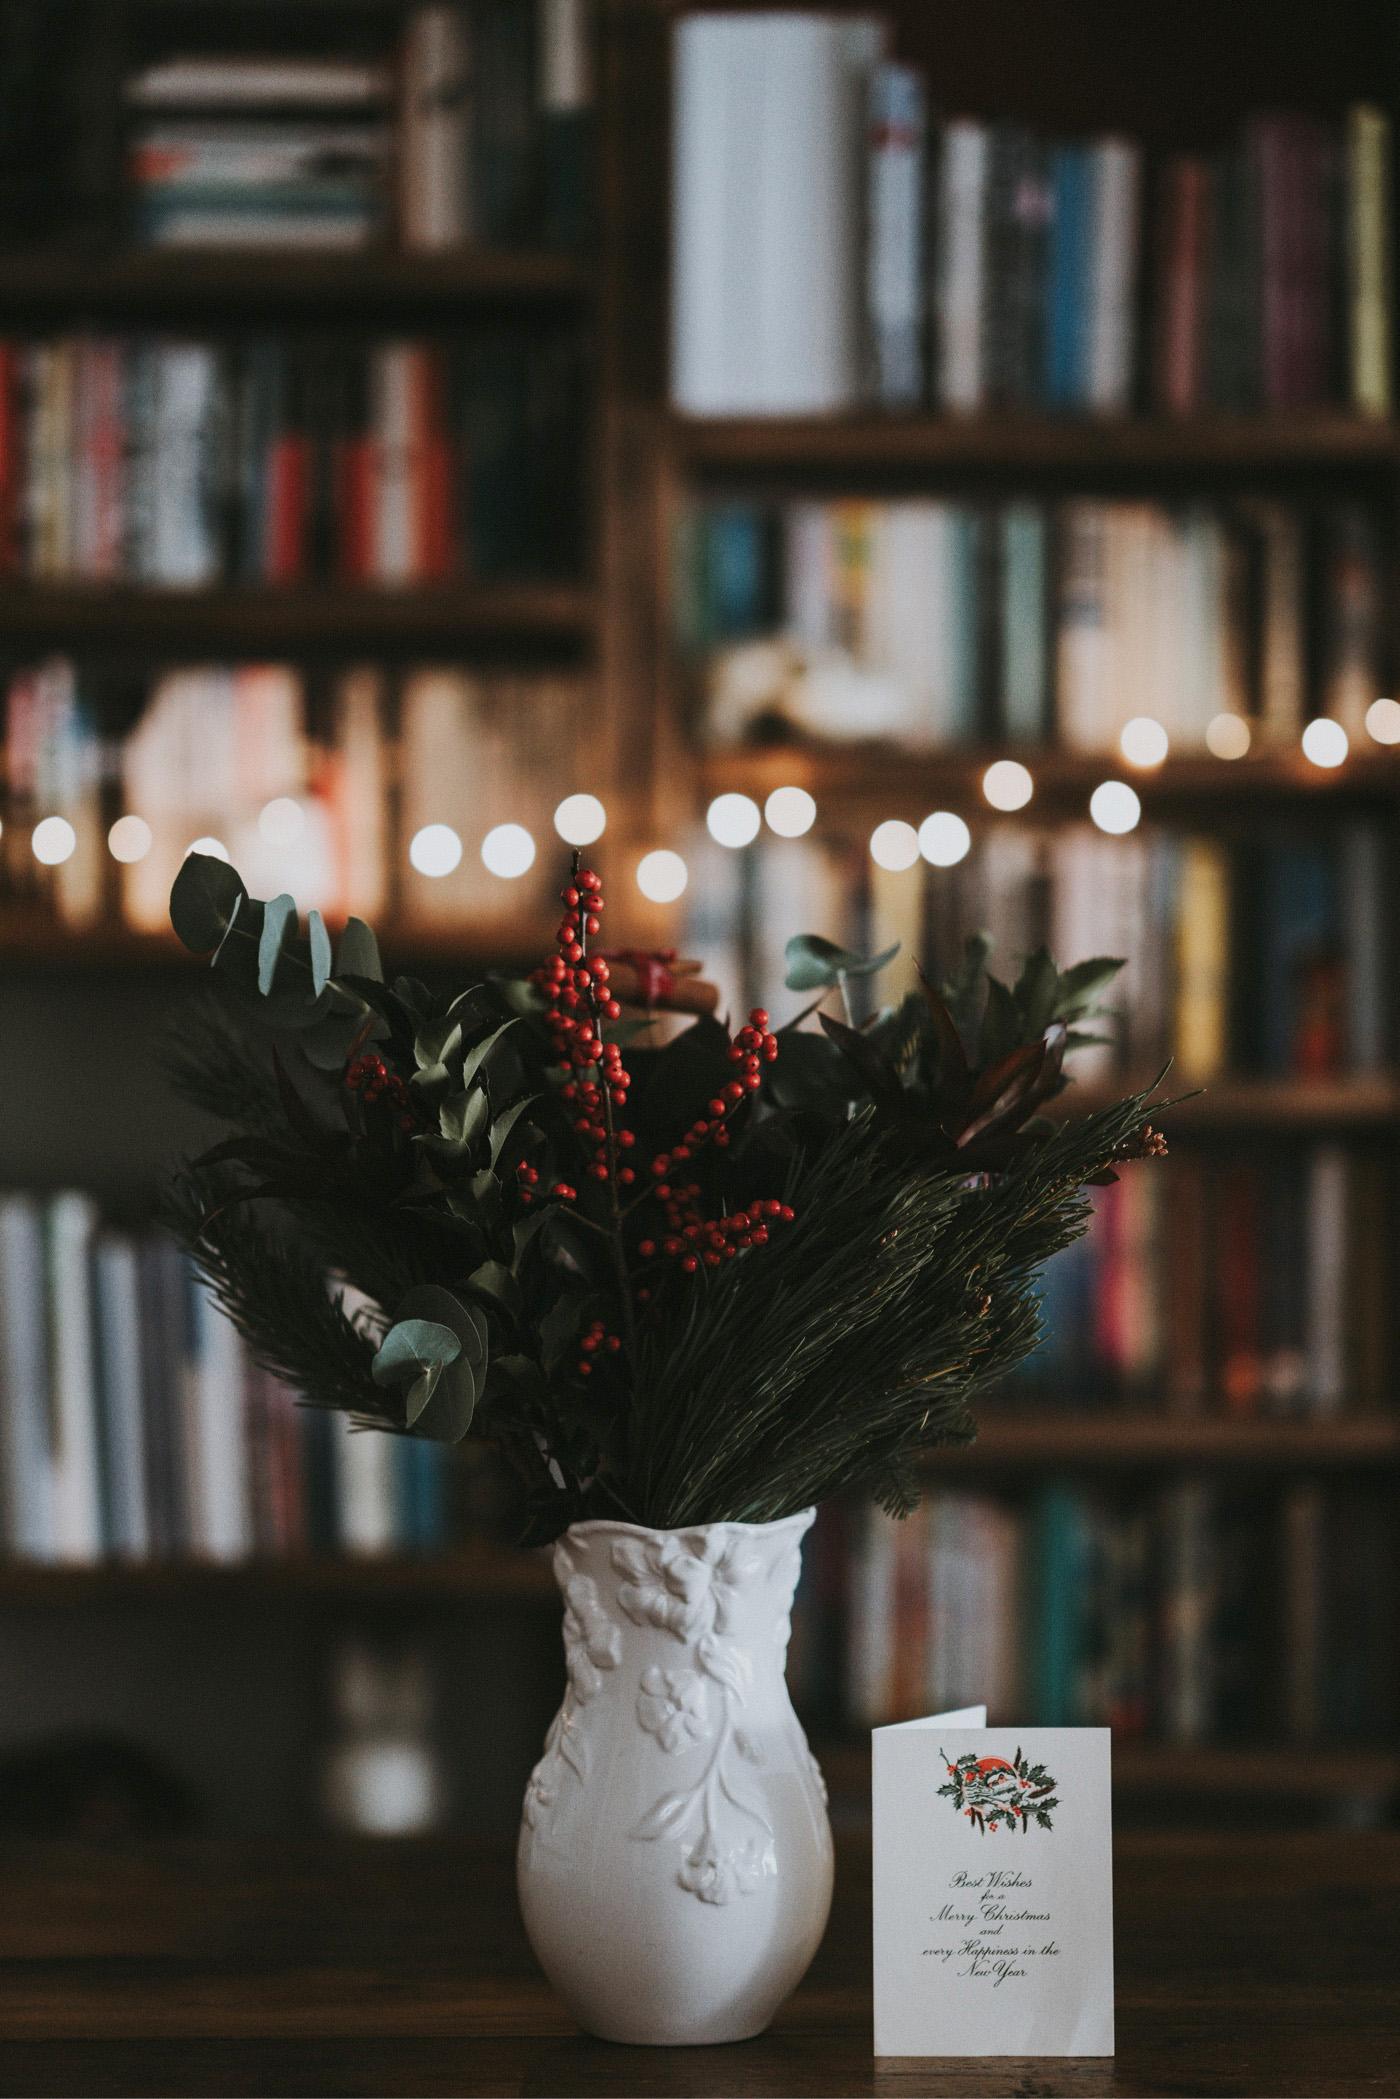 weihnachten vase bokeh effekt